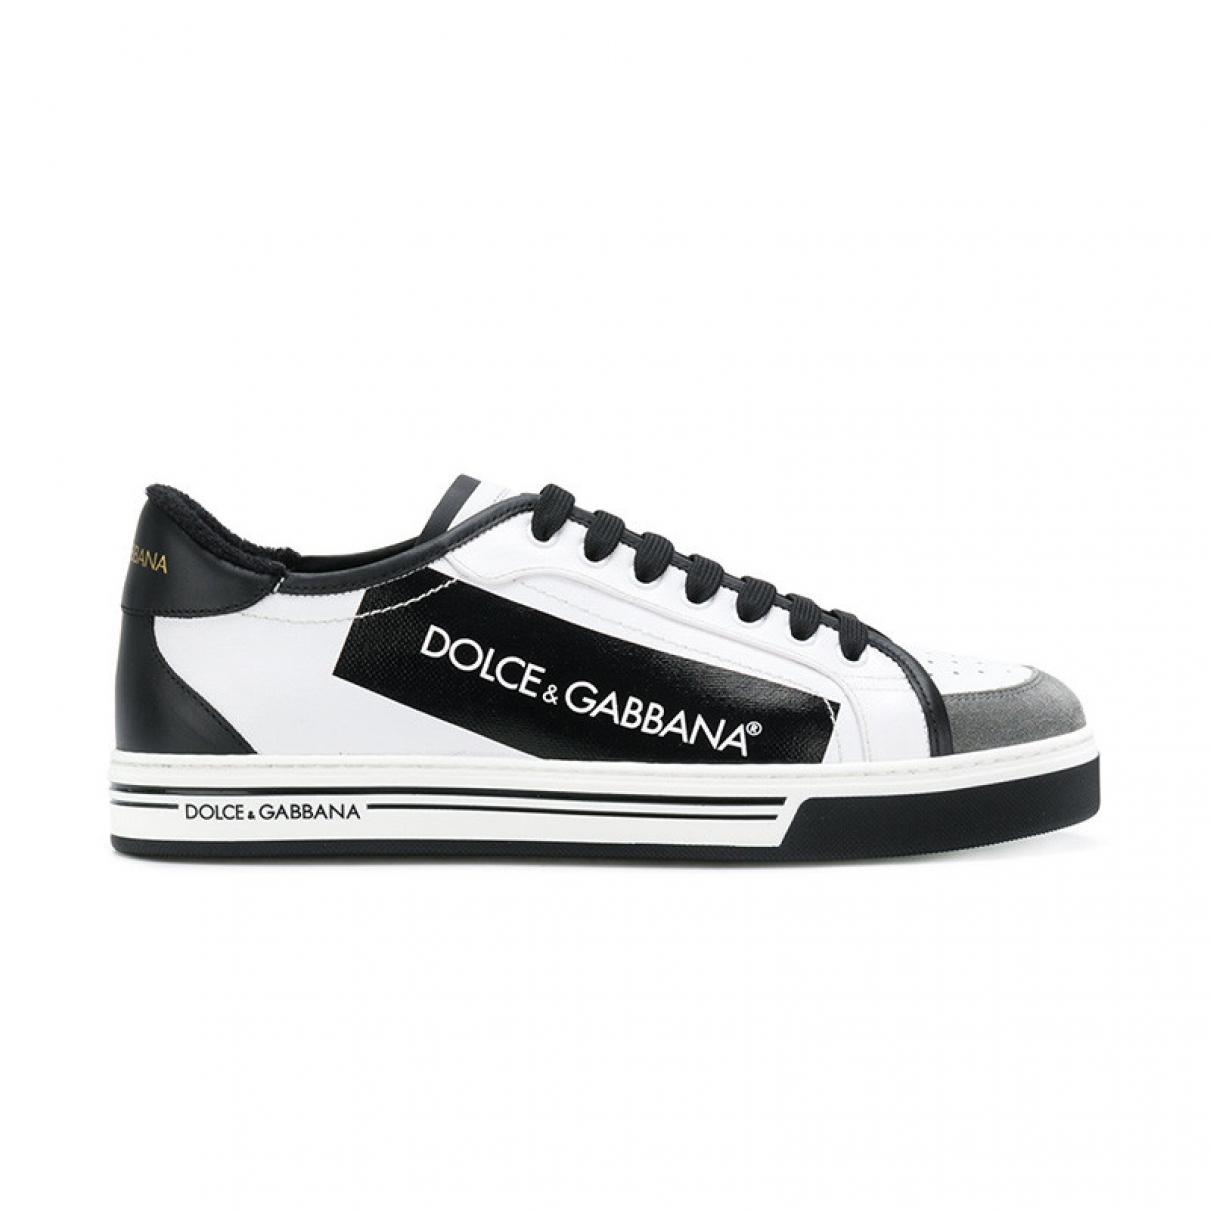 Dolce & Gabbana - Baskets Roma pour homme en cuir - blanc